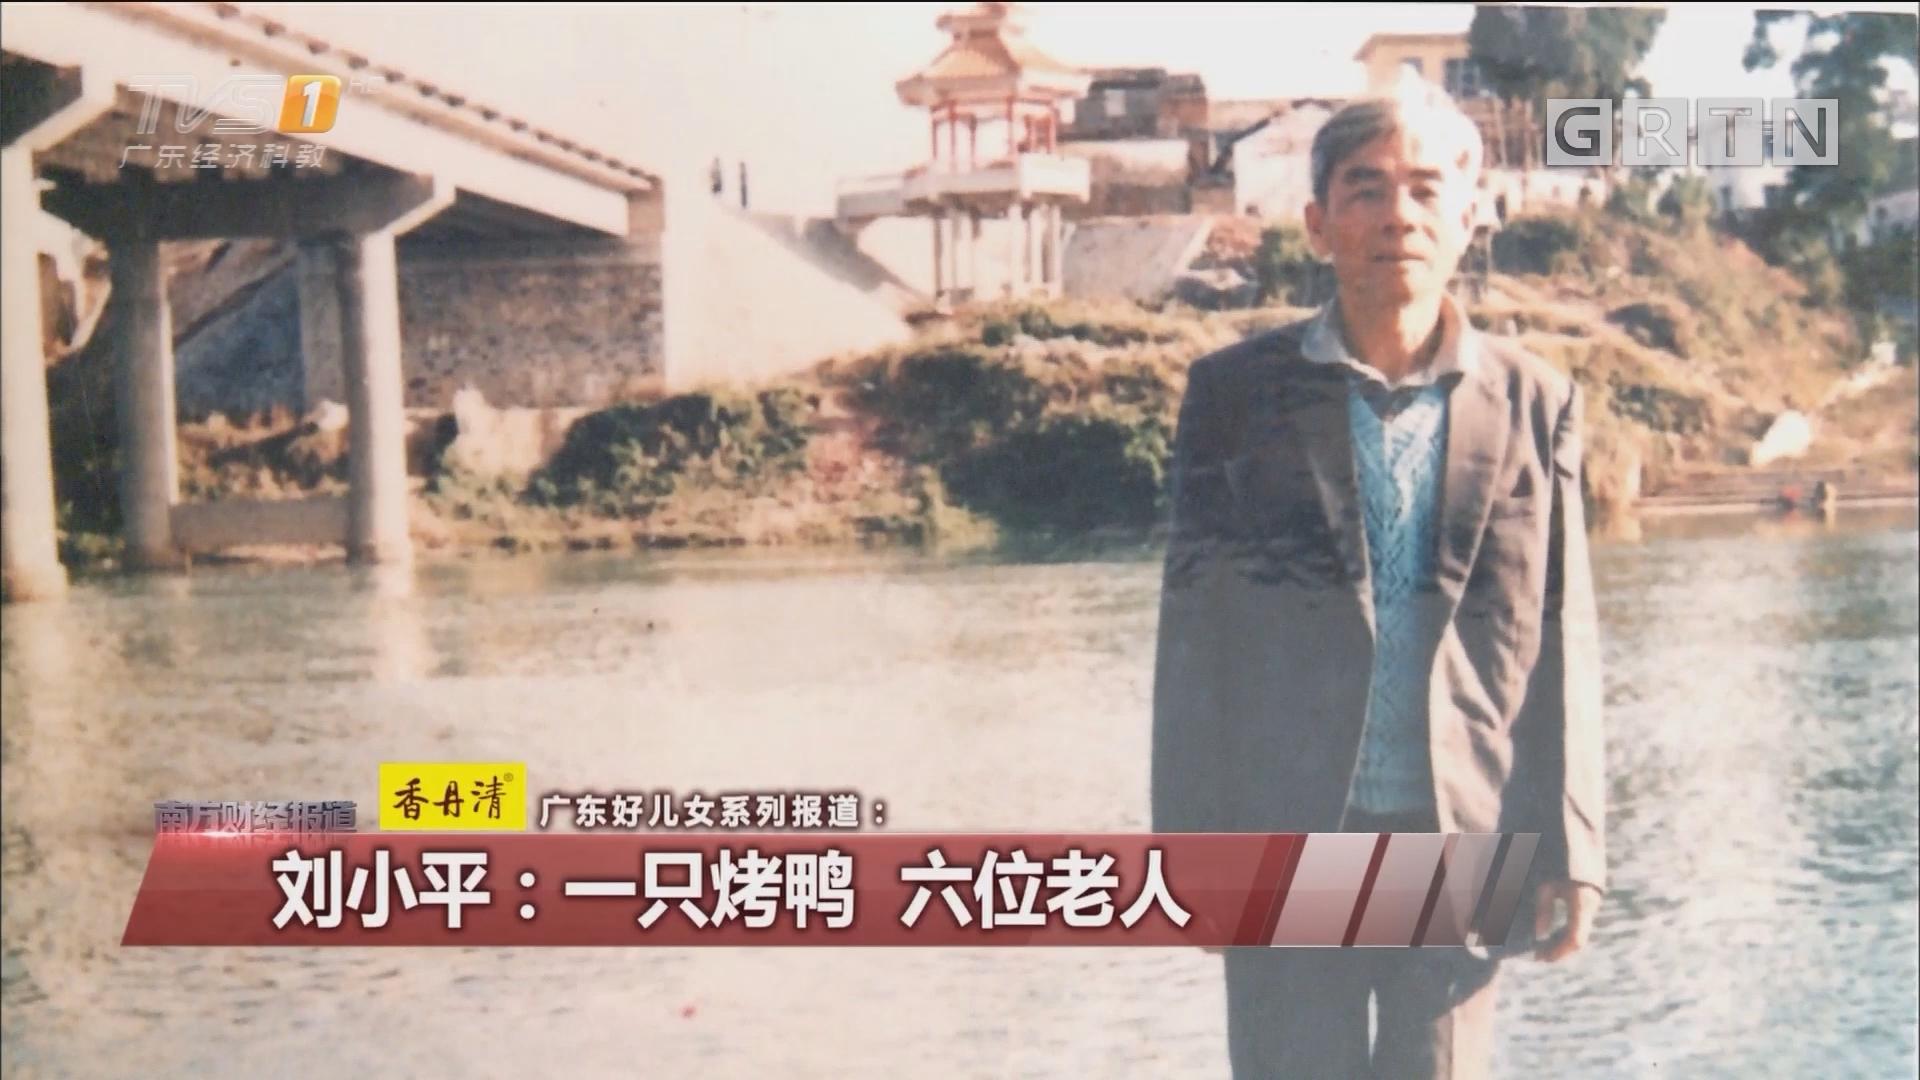 刘小平:一只烤鸭 六位老人